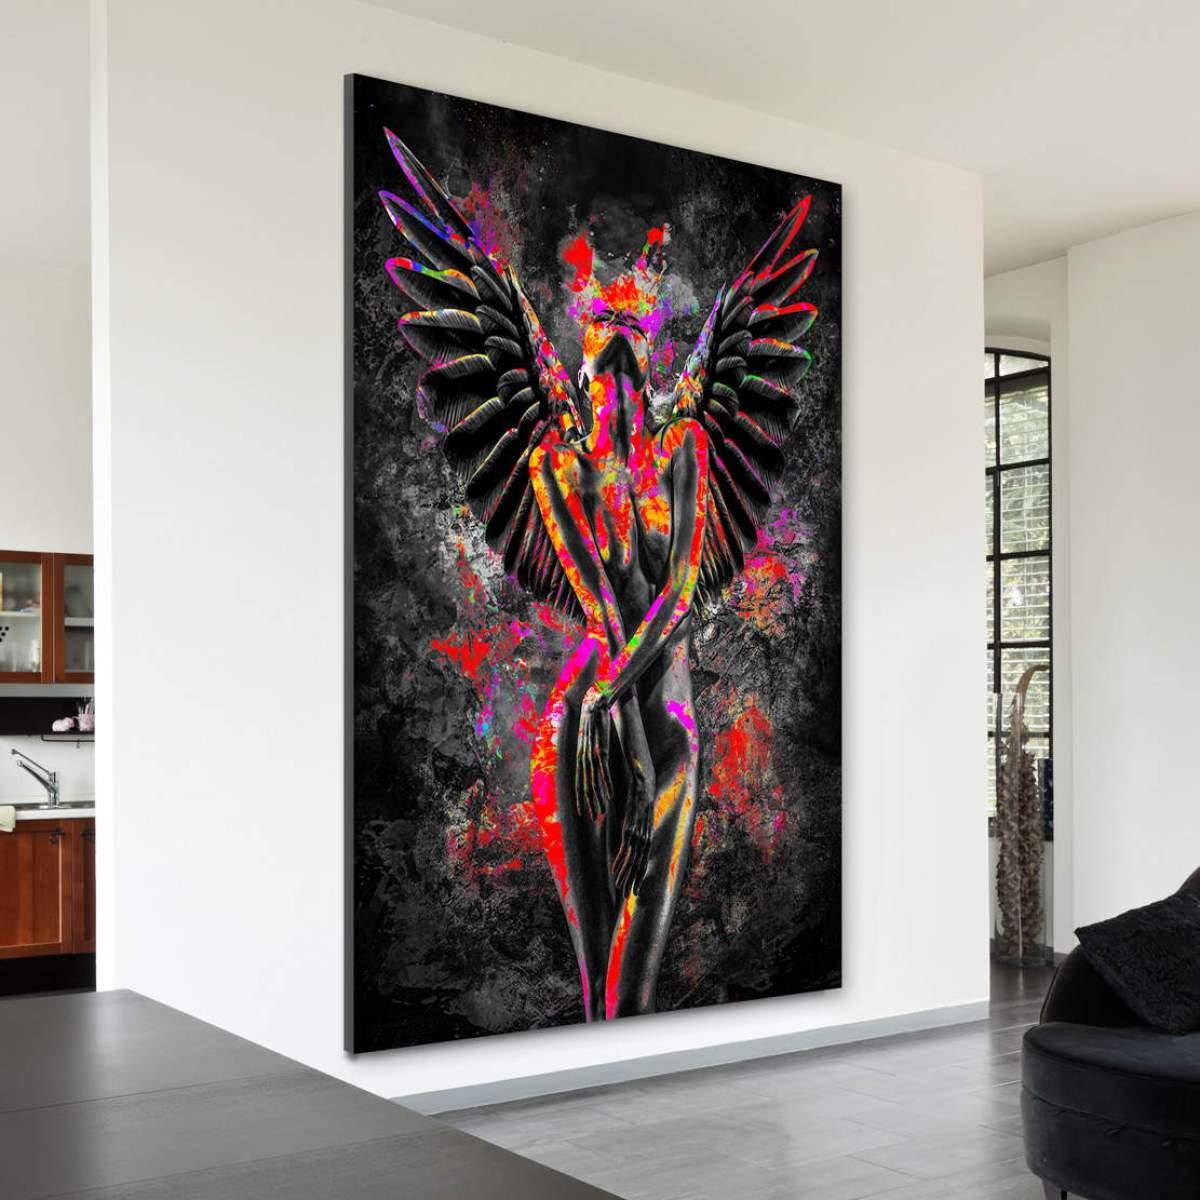 Erotik Engel als Leinwandbild bestellen | Kunstgestalten24.de